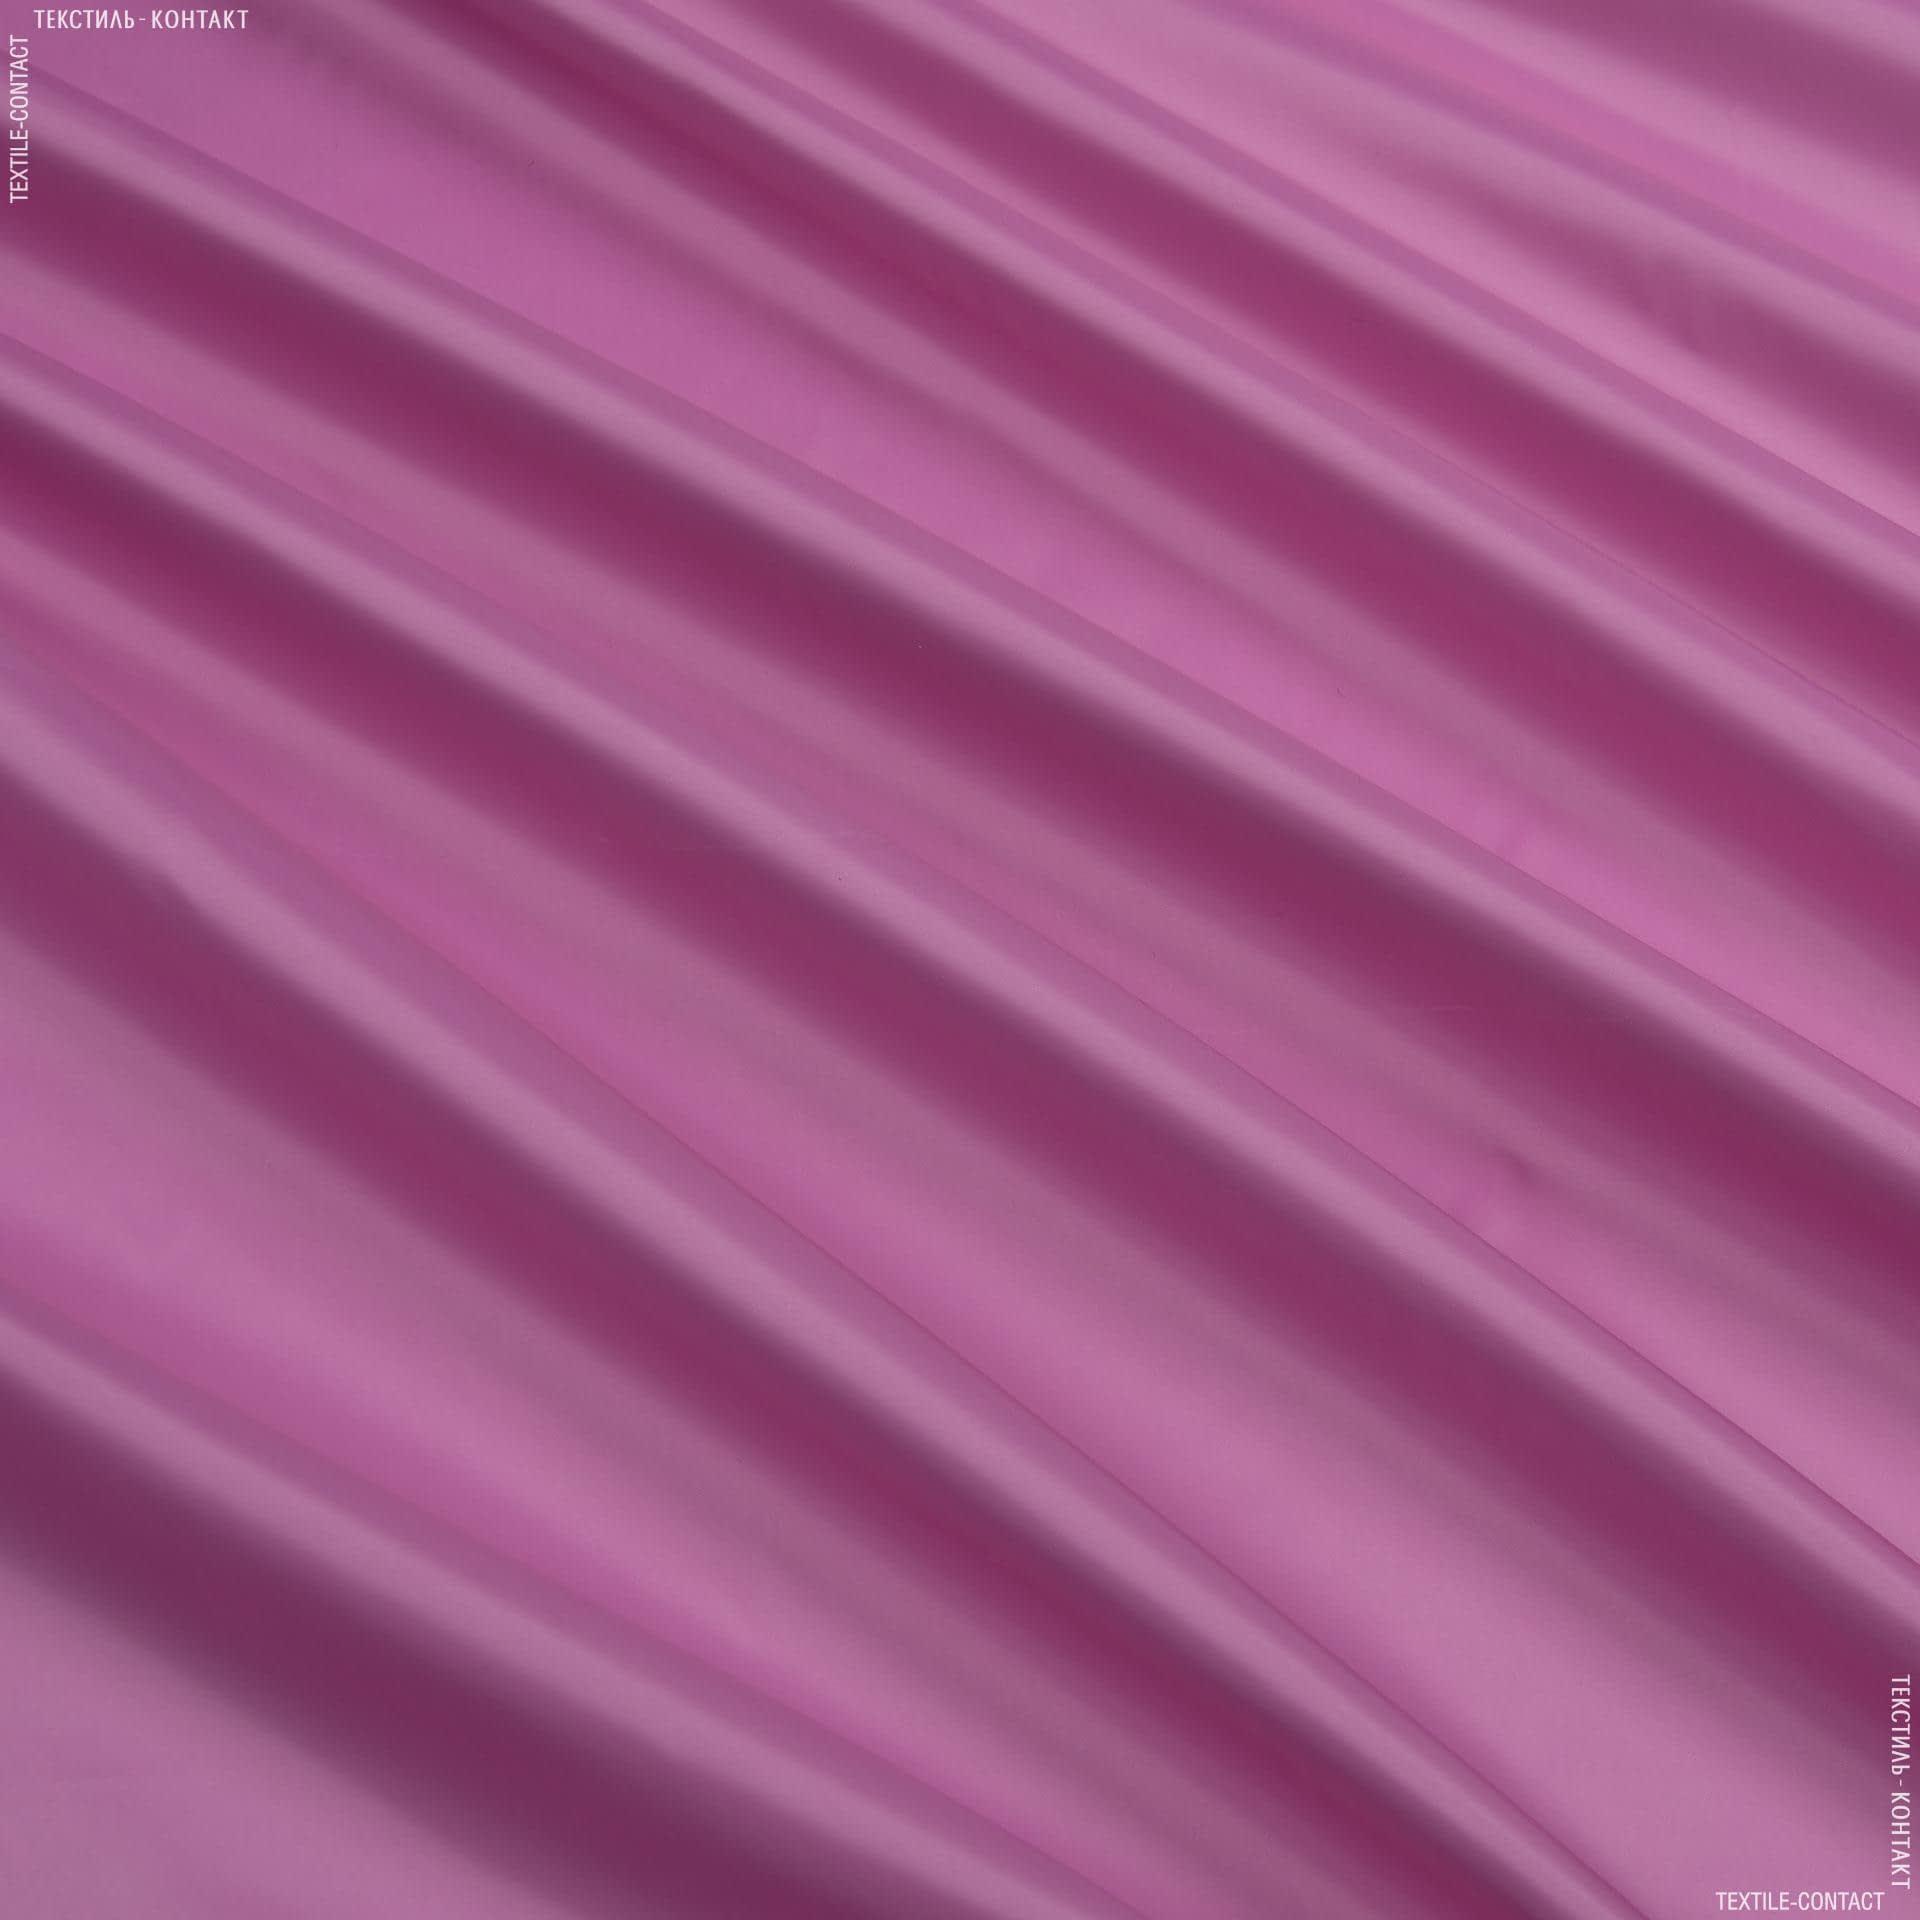 Тканини для наметів - Болонія сільвер рожевий